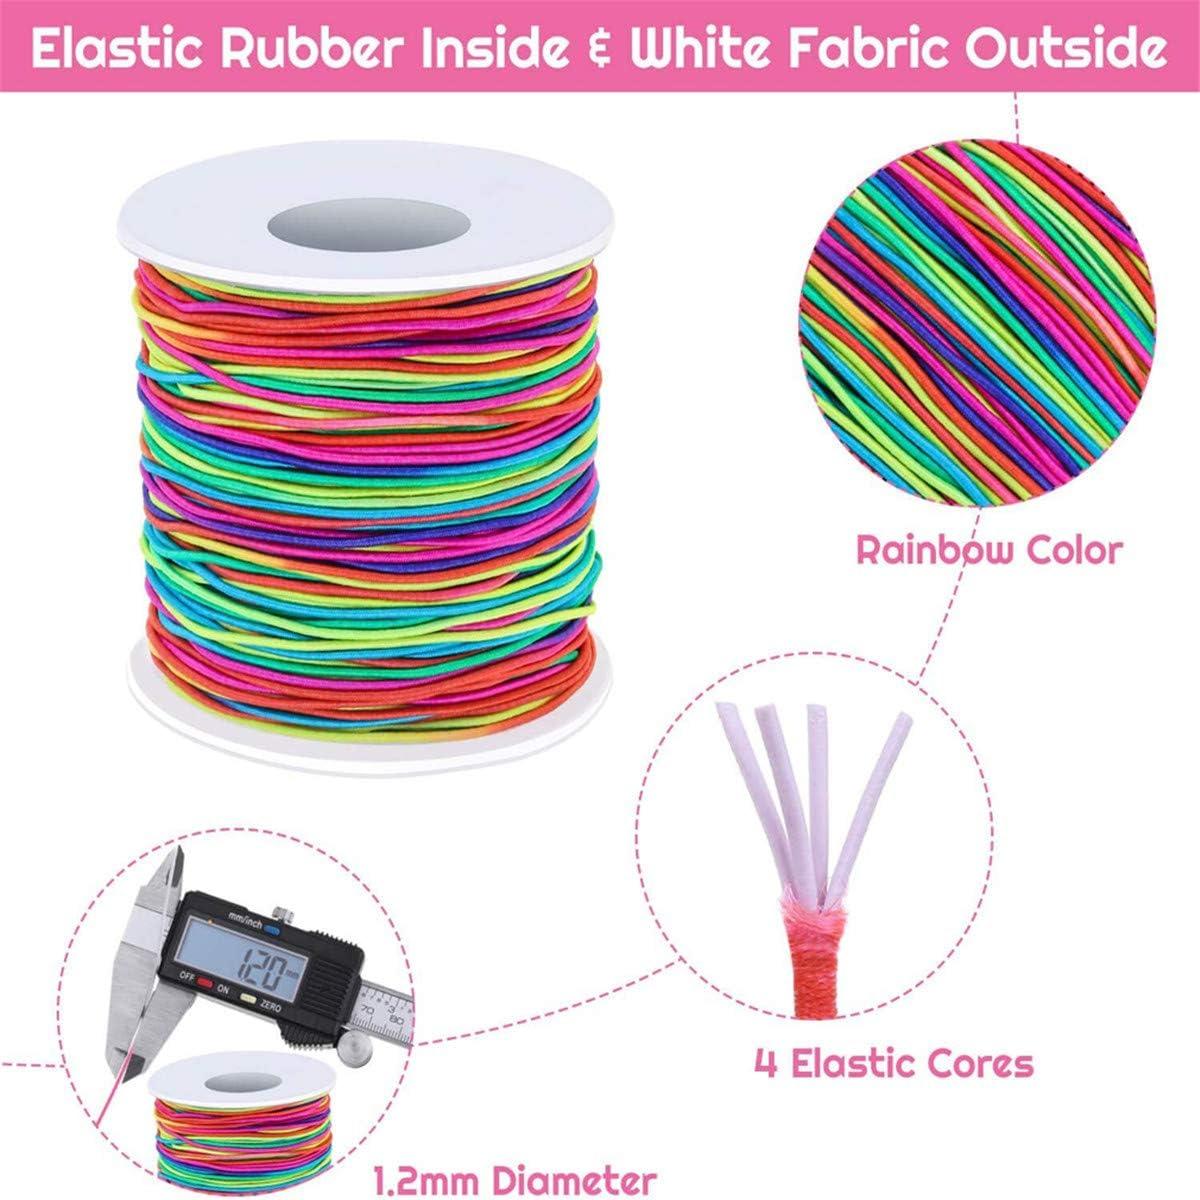 1 mm Beiswin Farbkern Elastische Stretchlinie Flexible Regenbogenfarbe Perlenlinie Stoff Marmorlinie Zum Dekorieren von DIY-Schl/üsselbundgeflechten